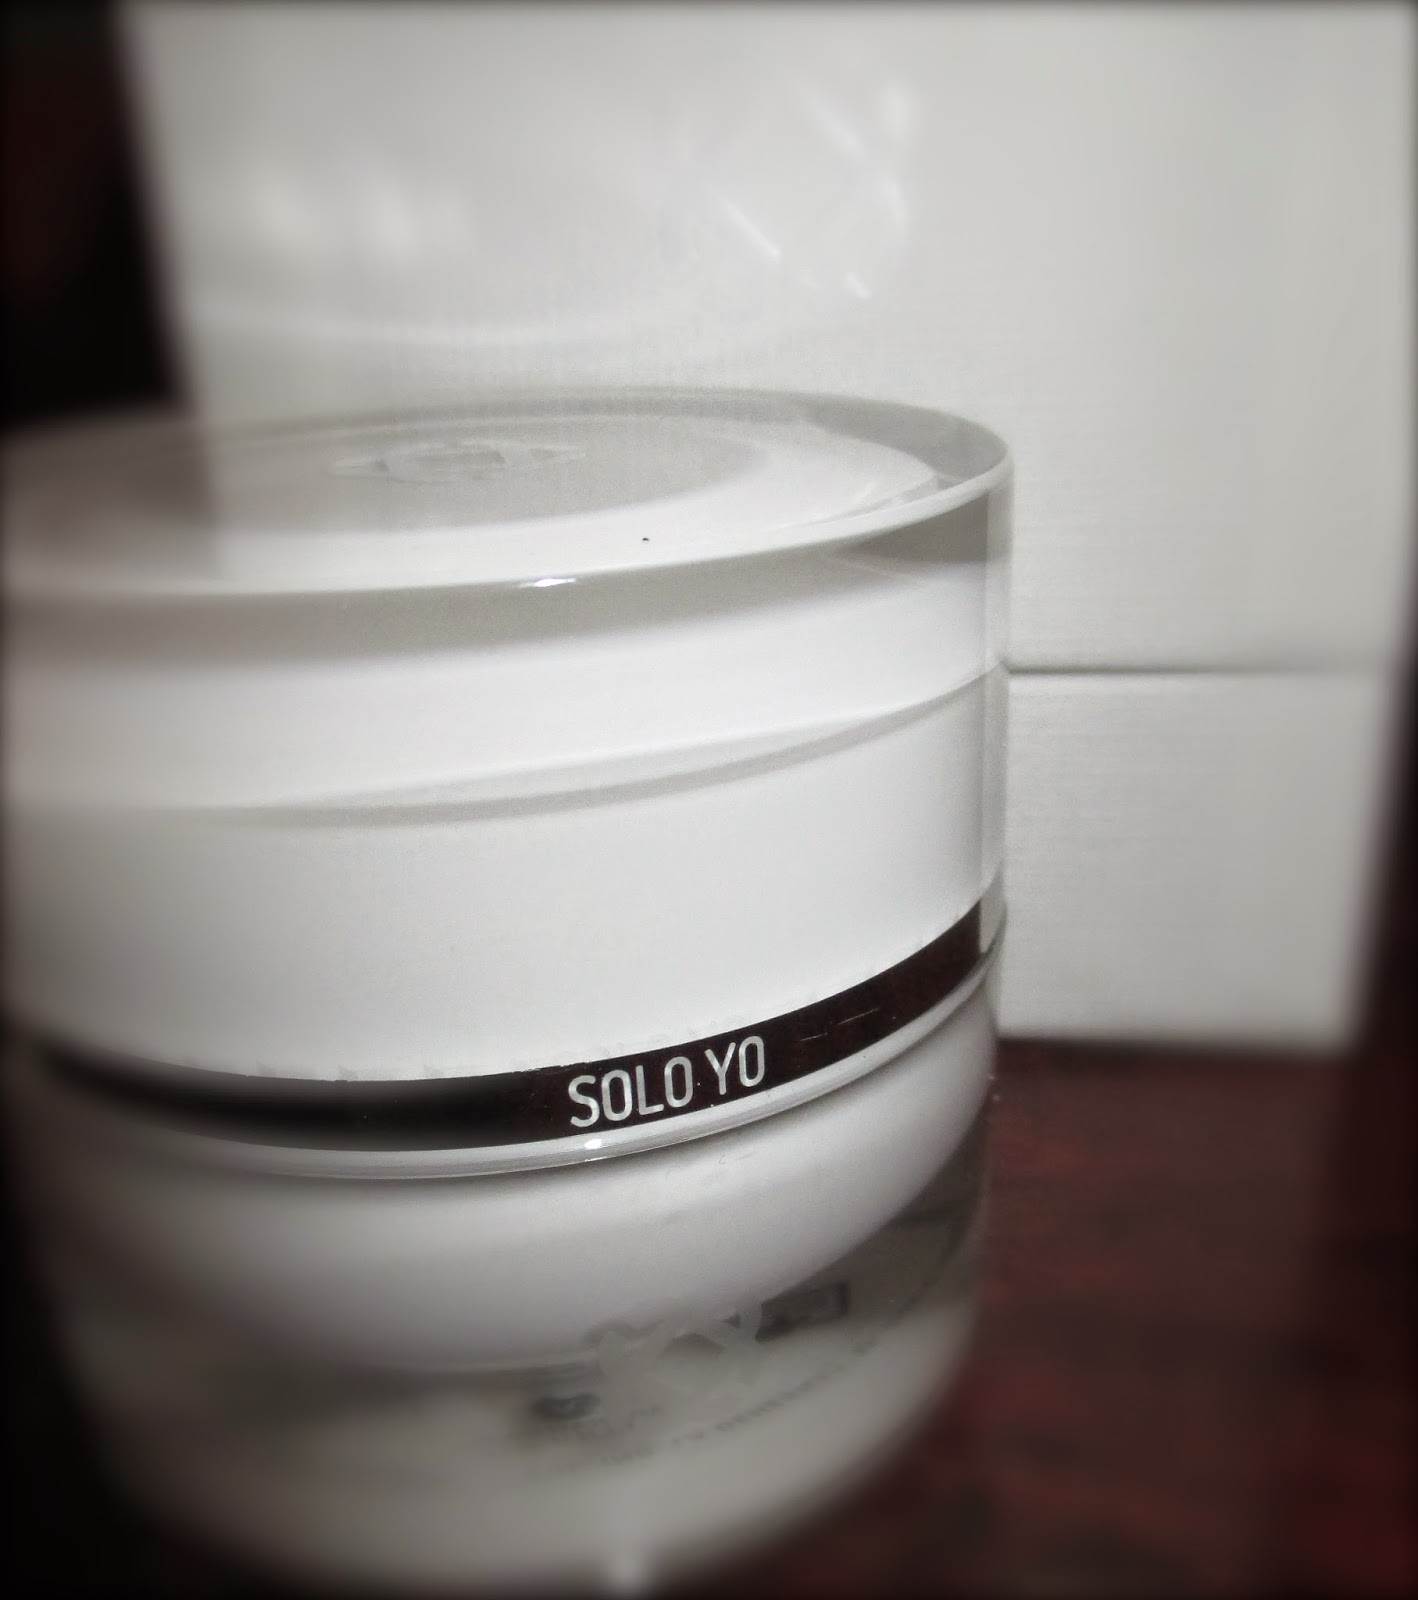 cosmética, cosmética personalizada, belleza,cosmética personalizada con agua purificada, agua purificada, cocoloon, valquer, laboratorios valquer, cosmética online,